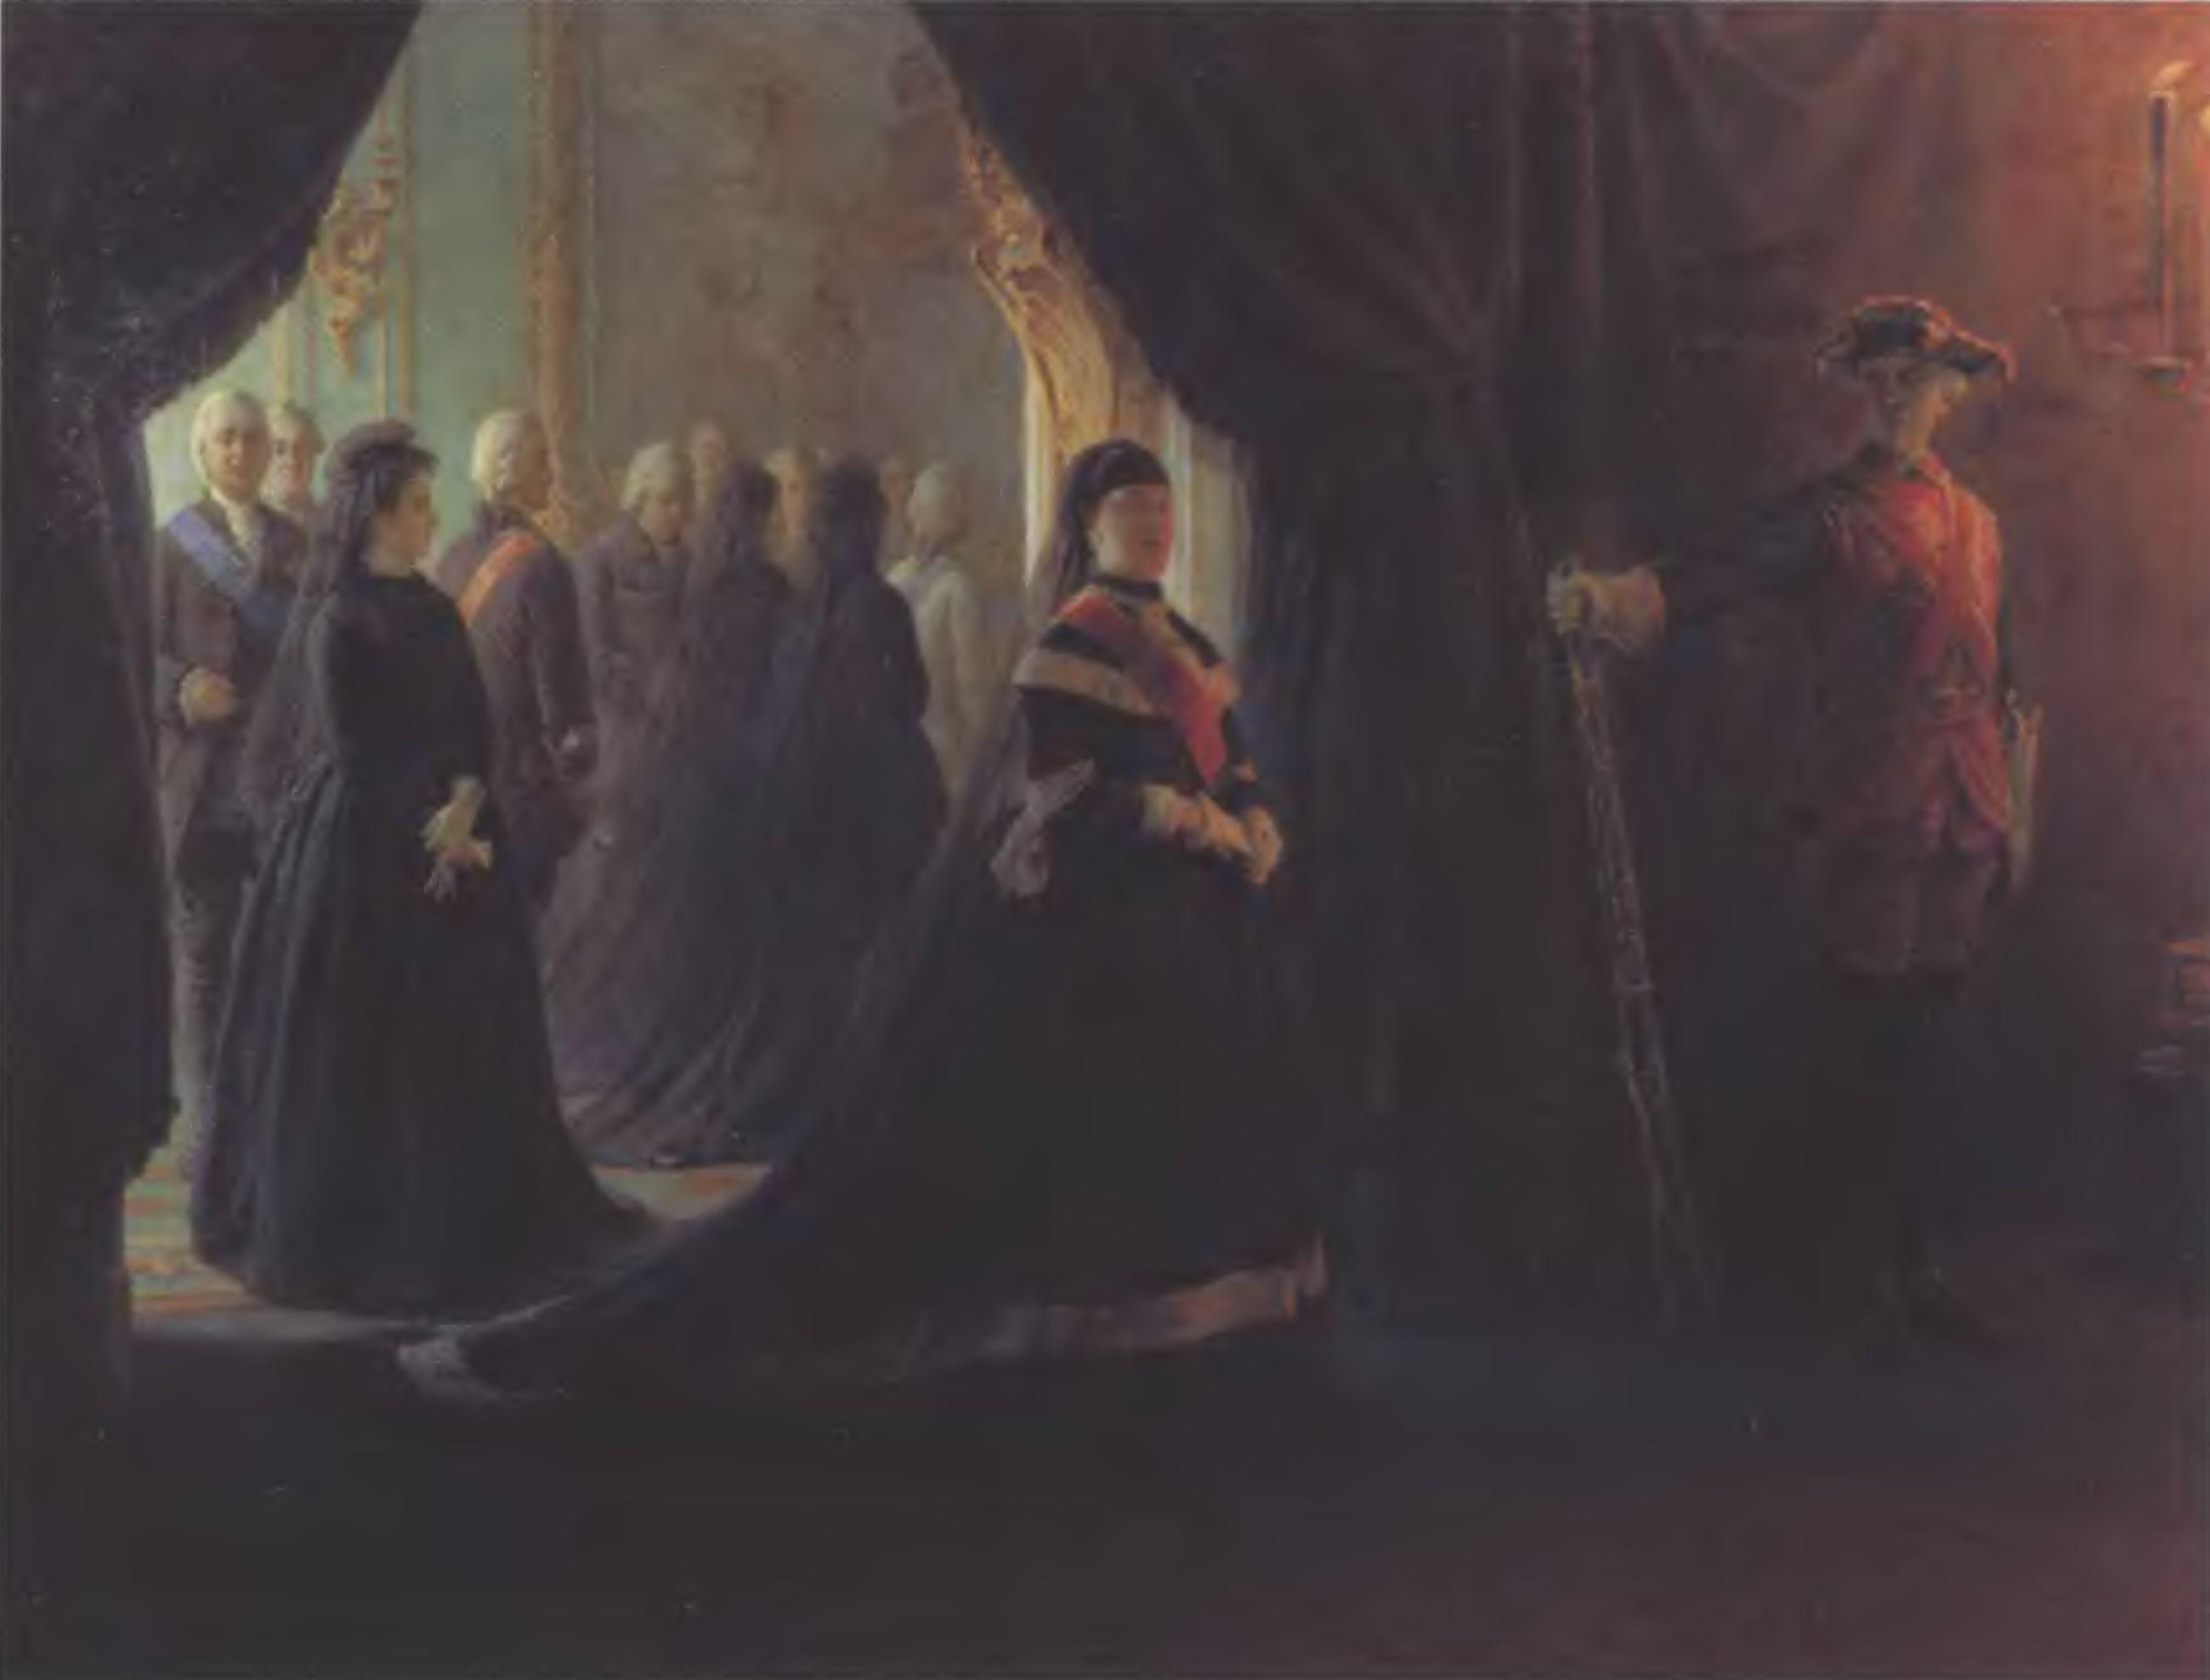 НИКОЛАЙ ГЕ. Екатерина II у гроба императрицы Елизаветы. 1874. Холст, масло. 172 х 224,8 см. Государственная Третьяковская галерея